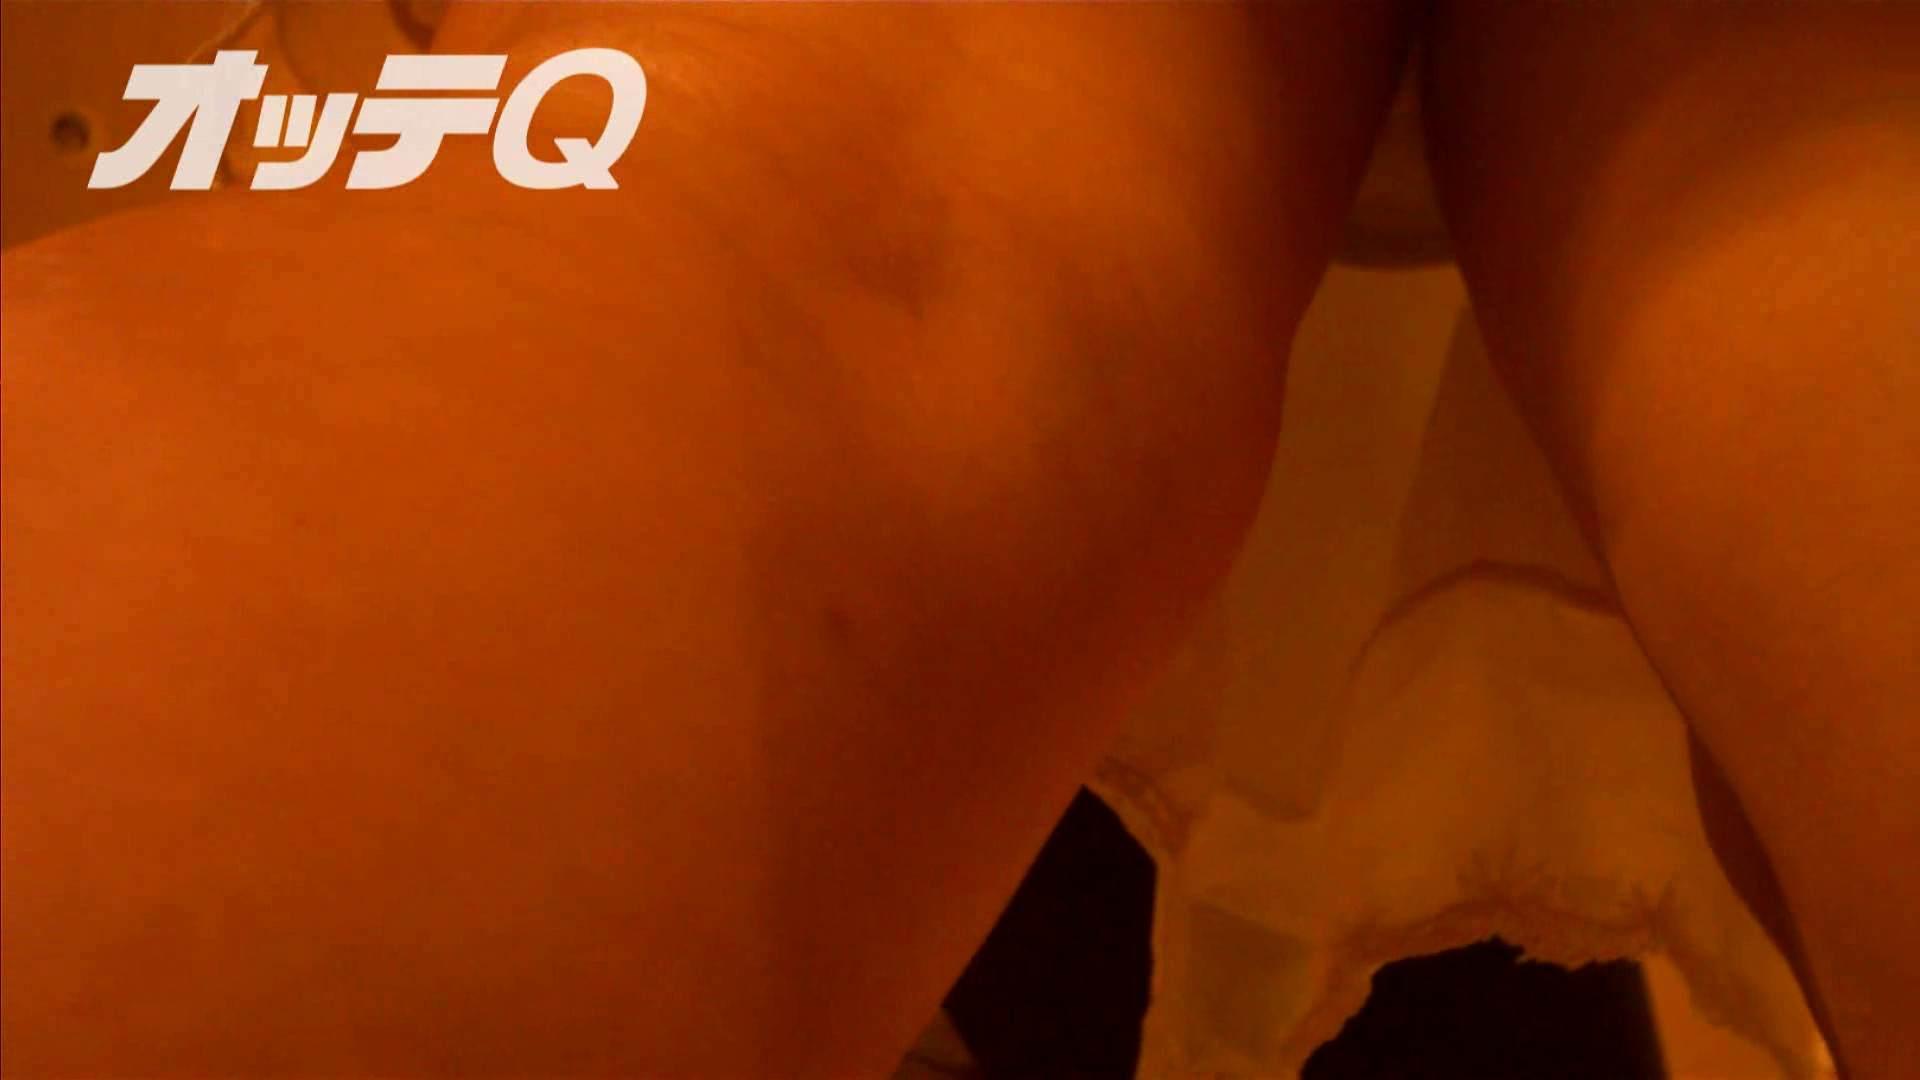 ハイビジョンパンチラ オッテQさんの追跡パンチラデパート編VOL.04 追跡 オメコ動画キャプチャ 105pic 41